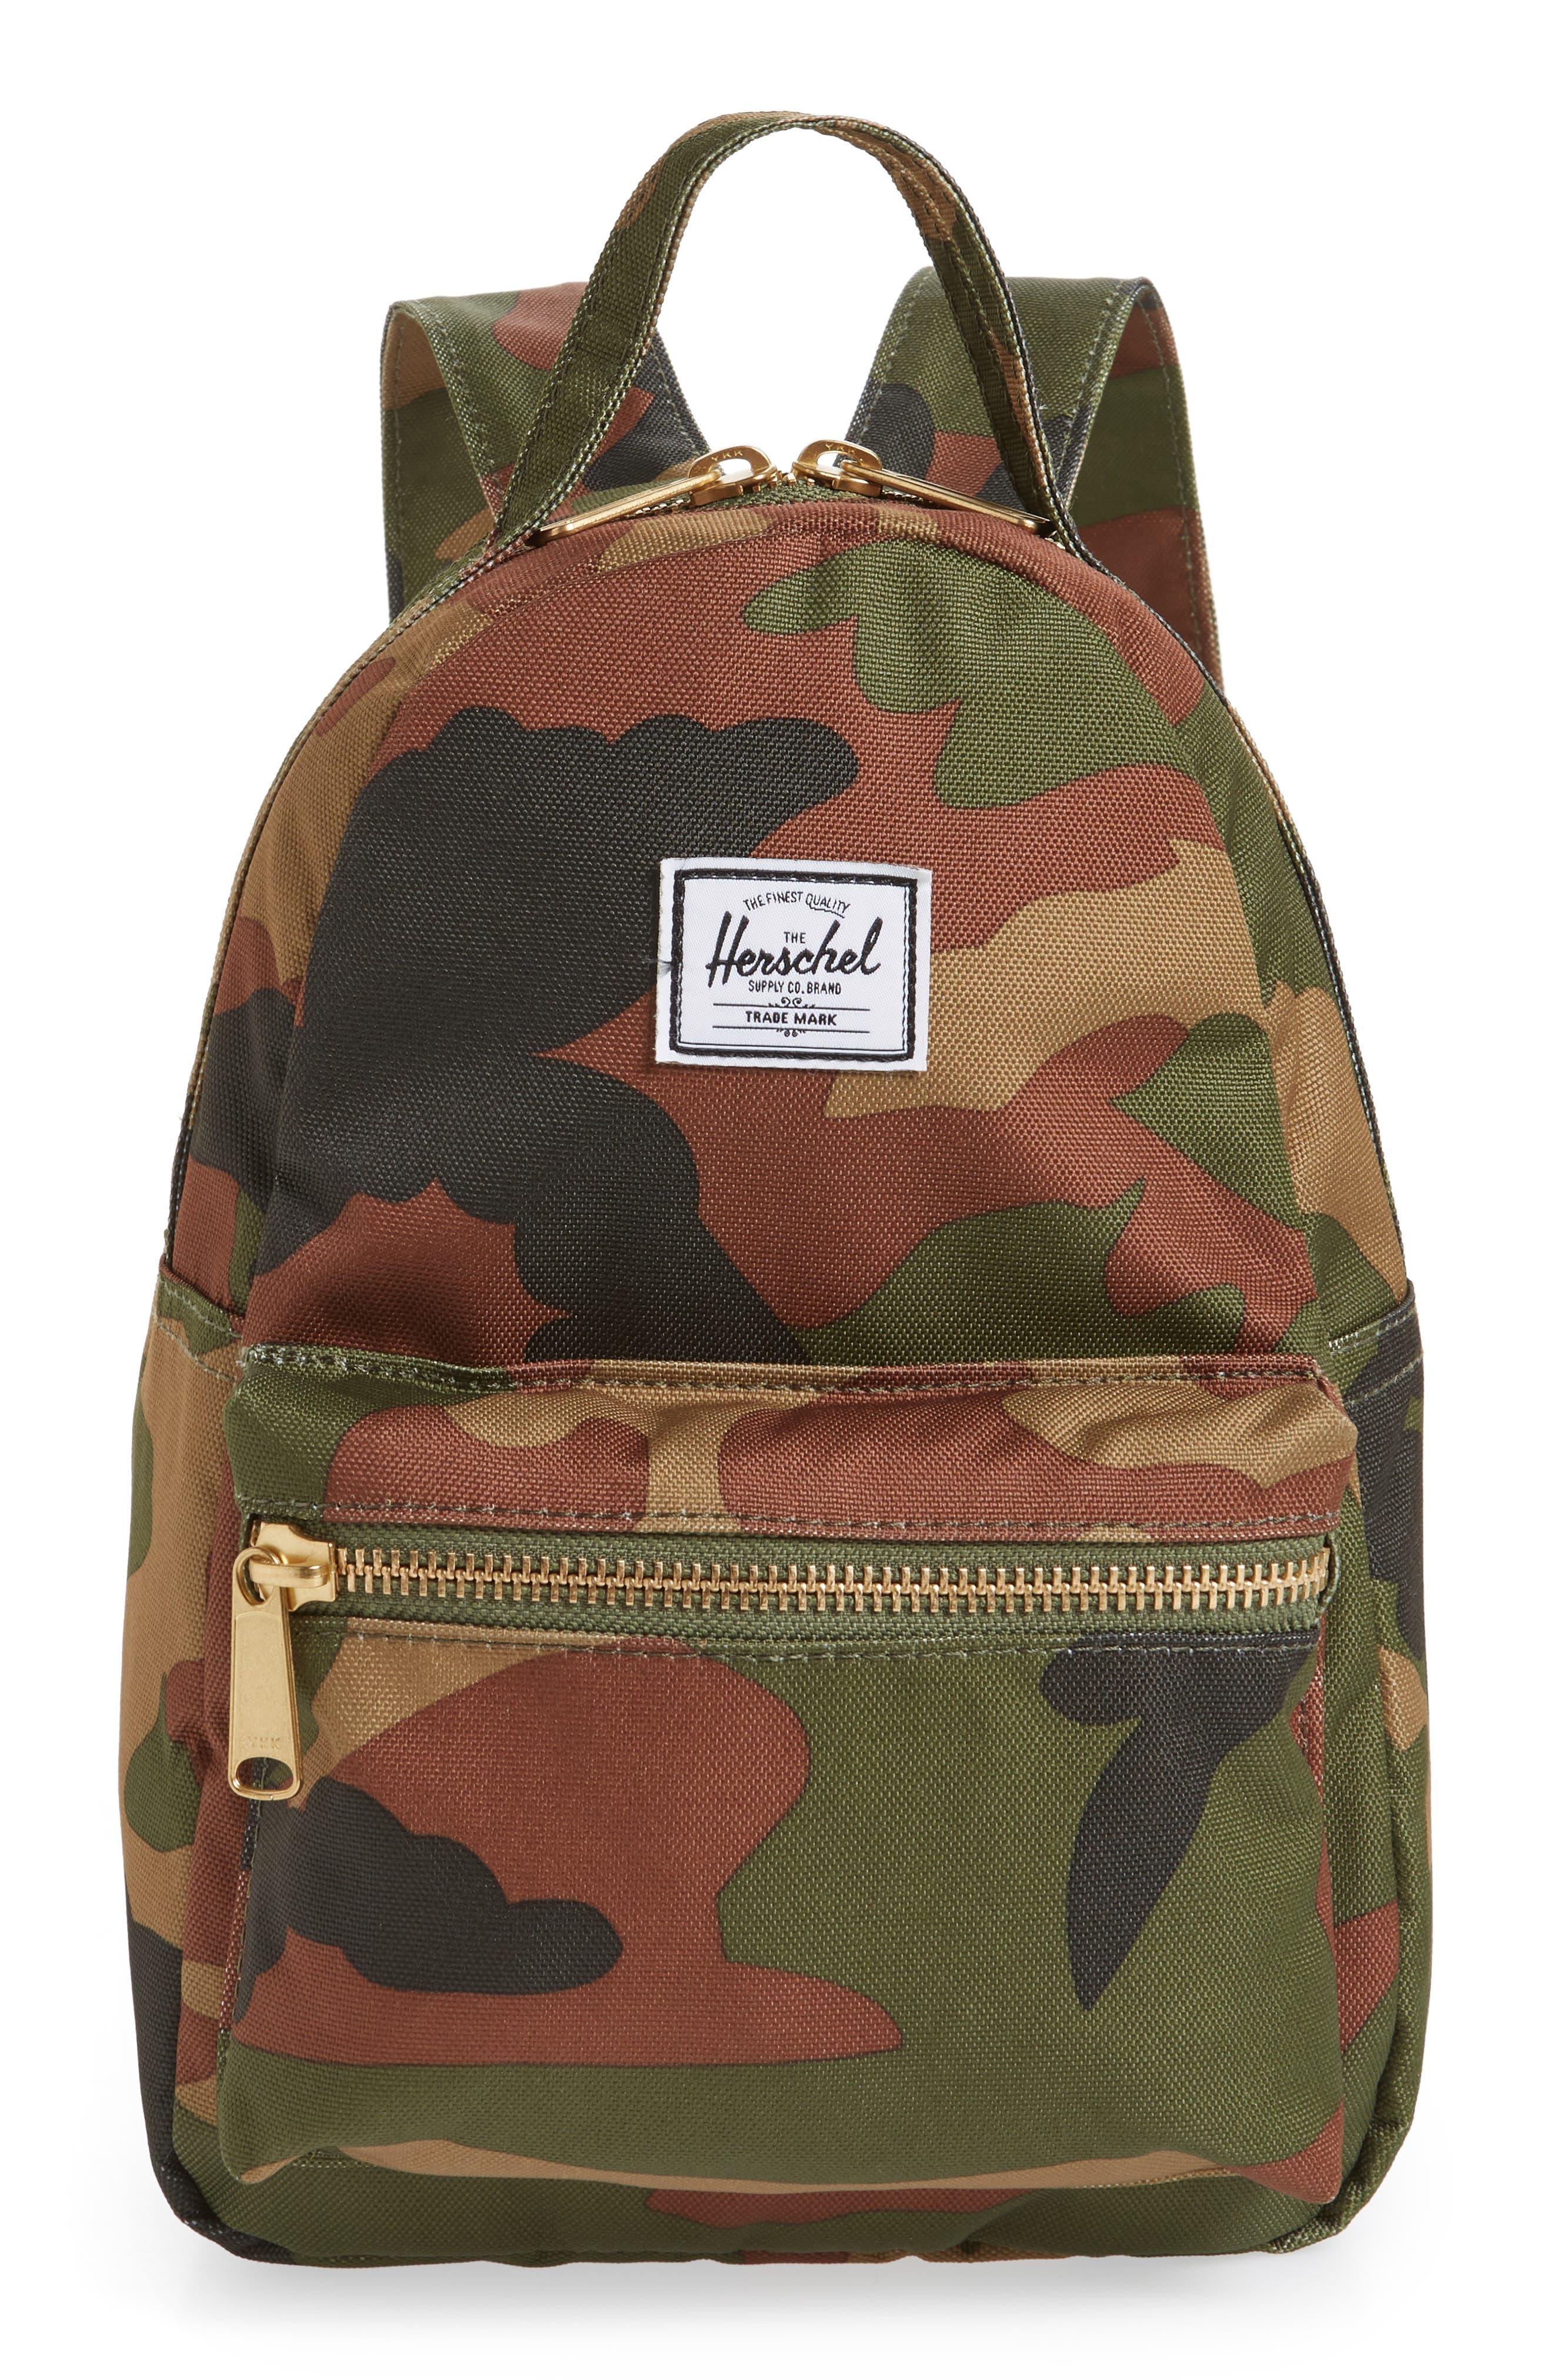 Herschel Supply Co. Mini Nova Backpack - Green